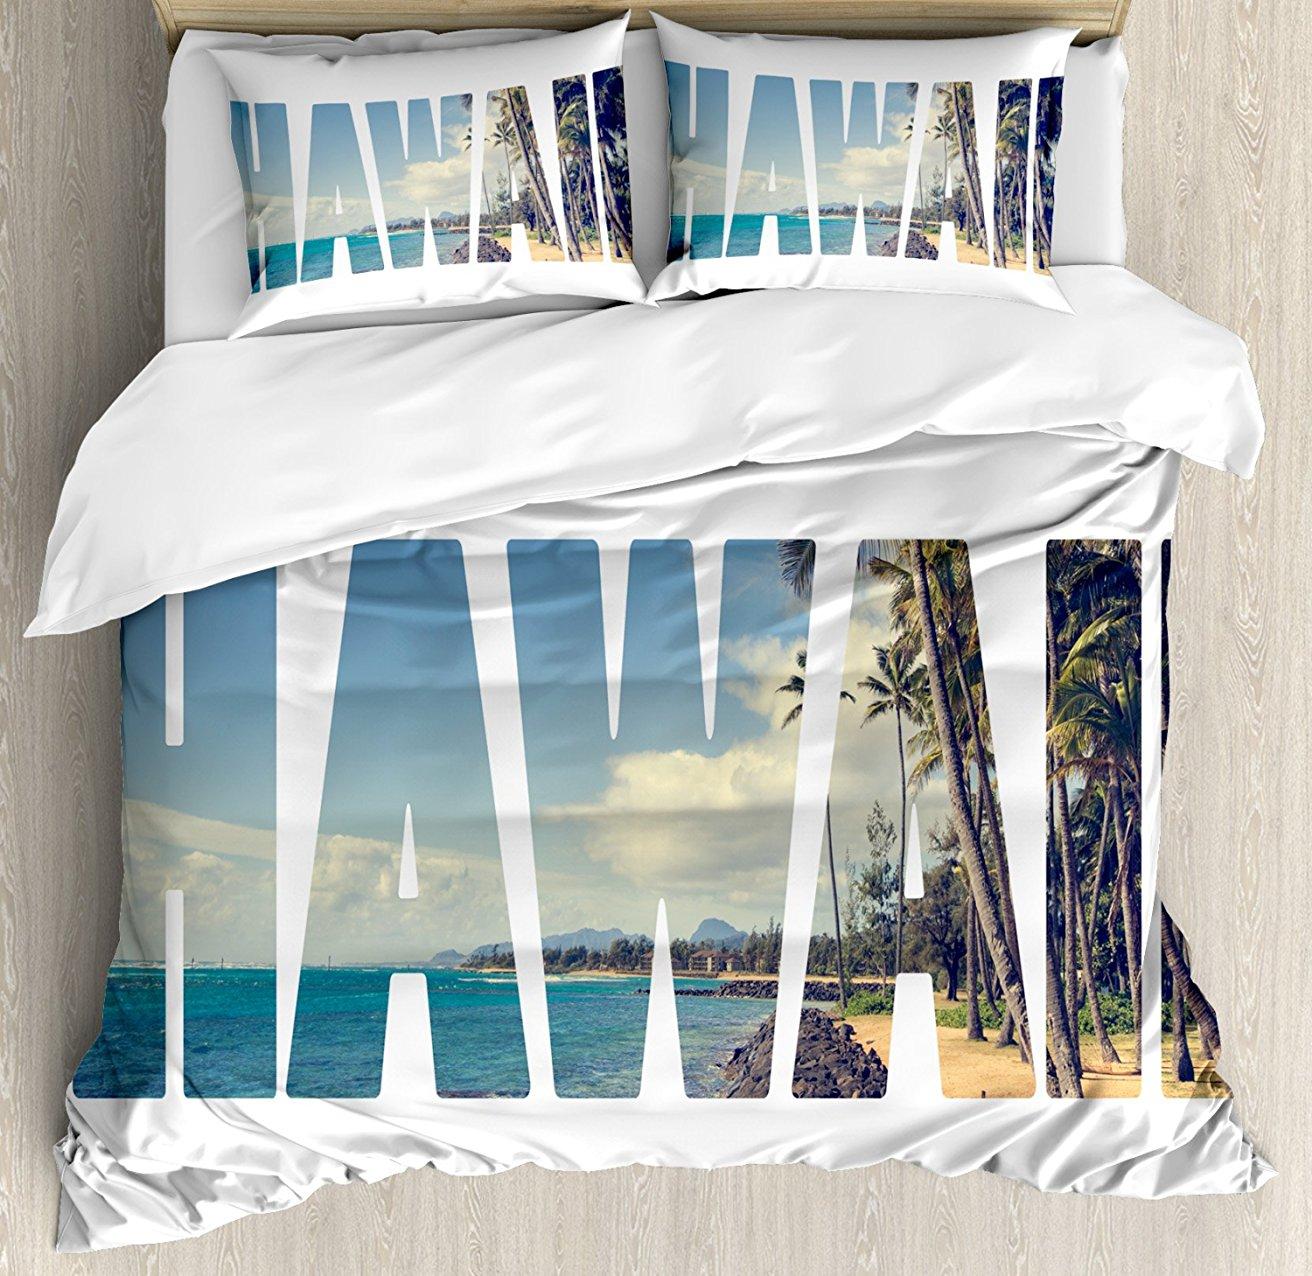 Постельное белье, Word Гавайи с тропический остров фото Экзотические популярных мест Palm лес по океану, 4 шт. Постельное белье